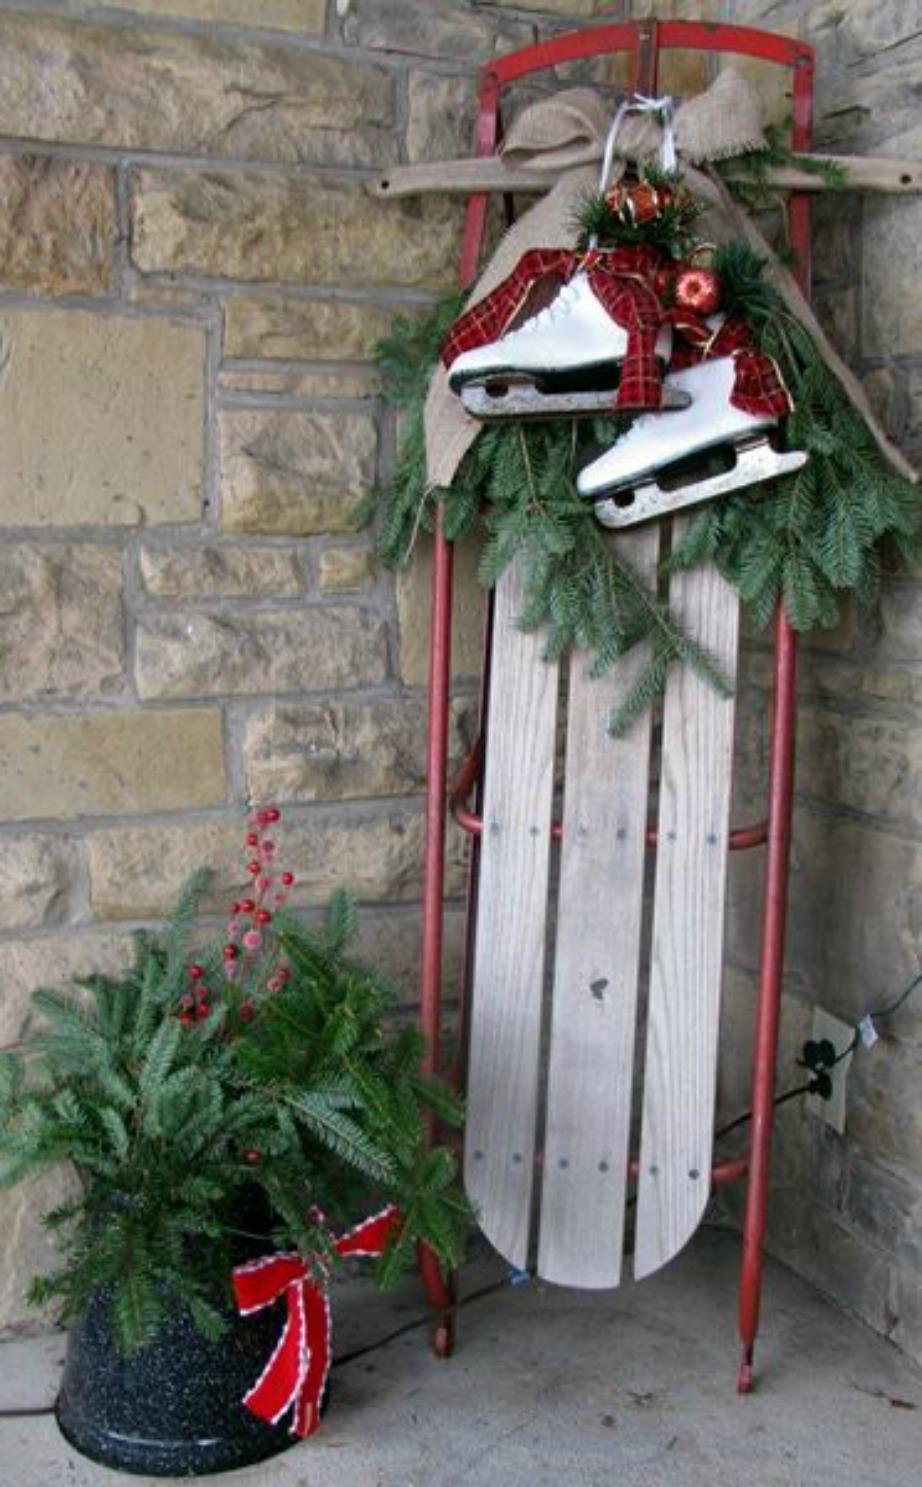 Ιδέες για Χριστουγεννιάτικη διακόσμηση με επιρροές από όλο τον κόσμο